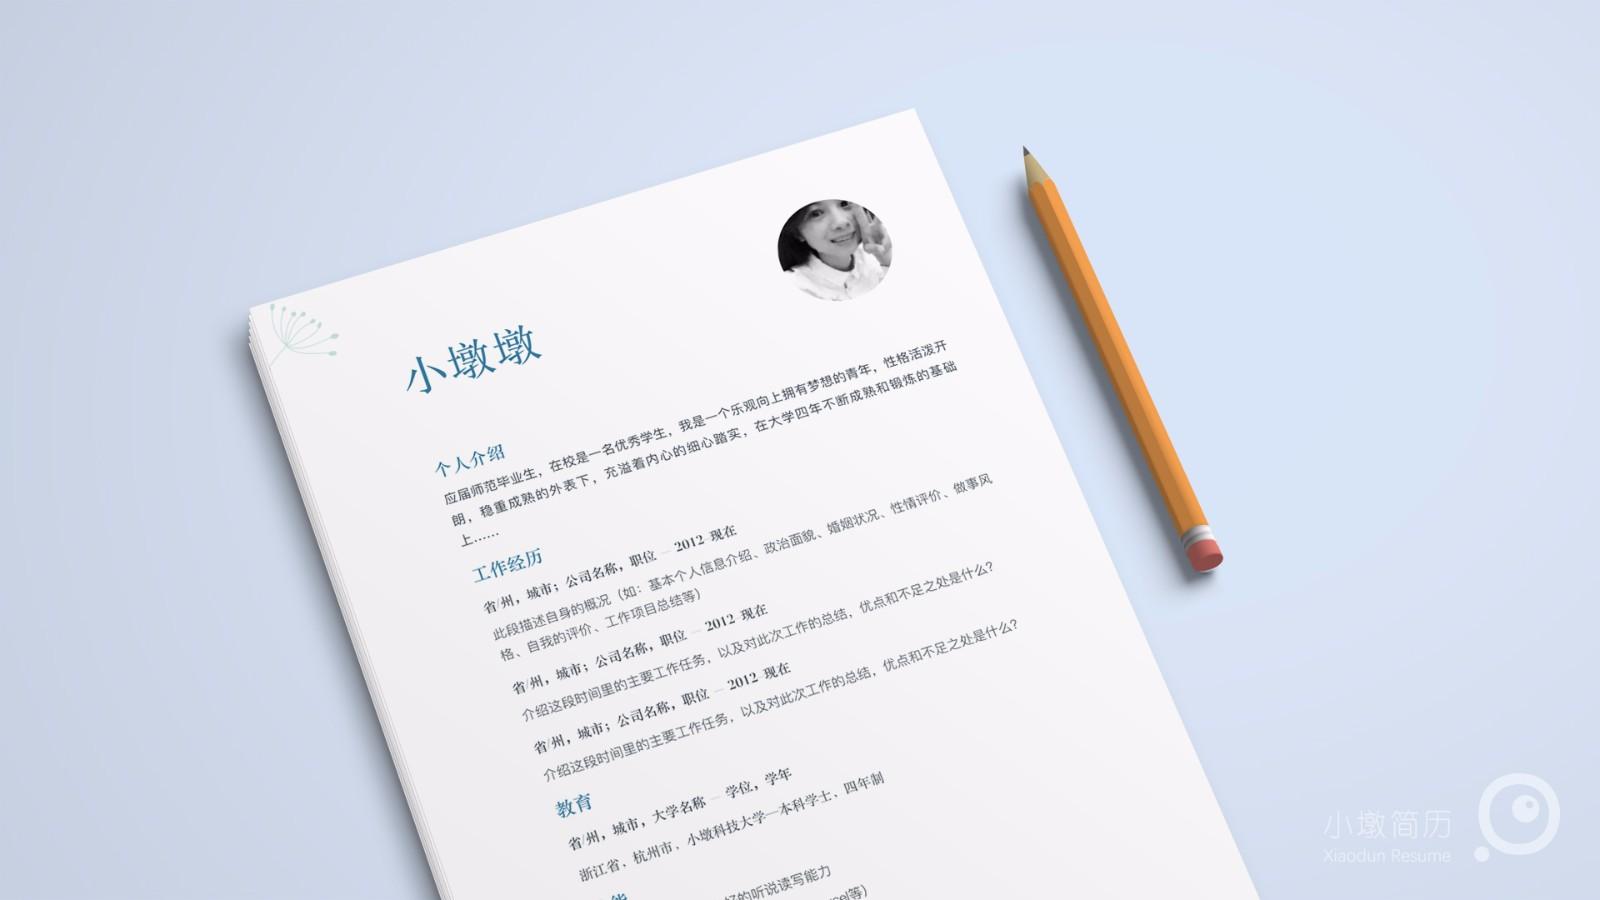 【小墩】你真的会写简历吗?常规问题NO.1